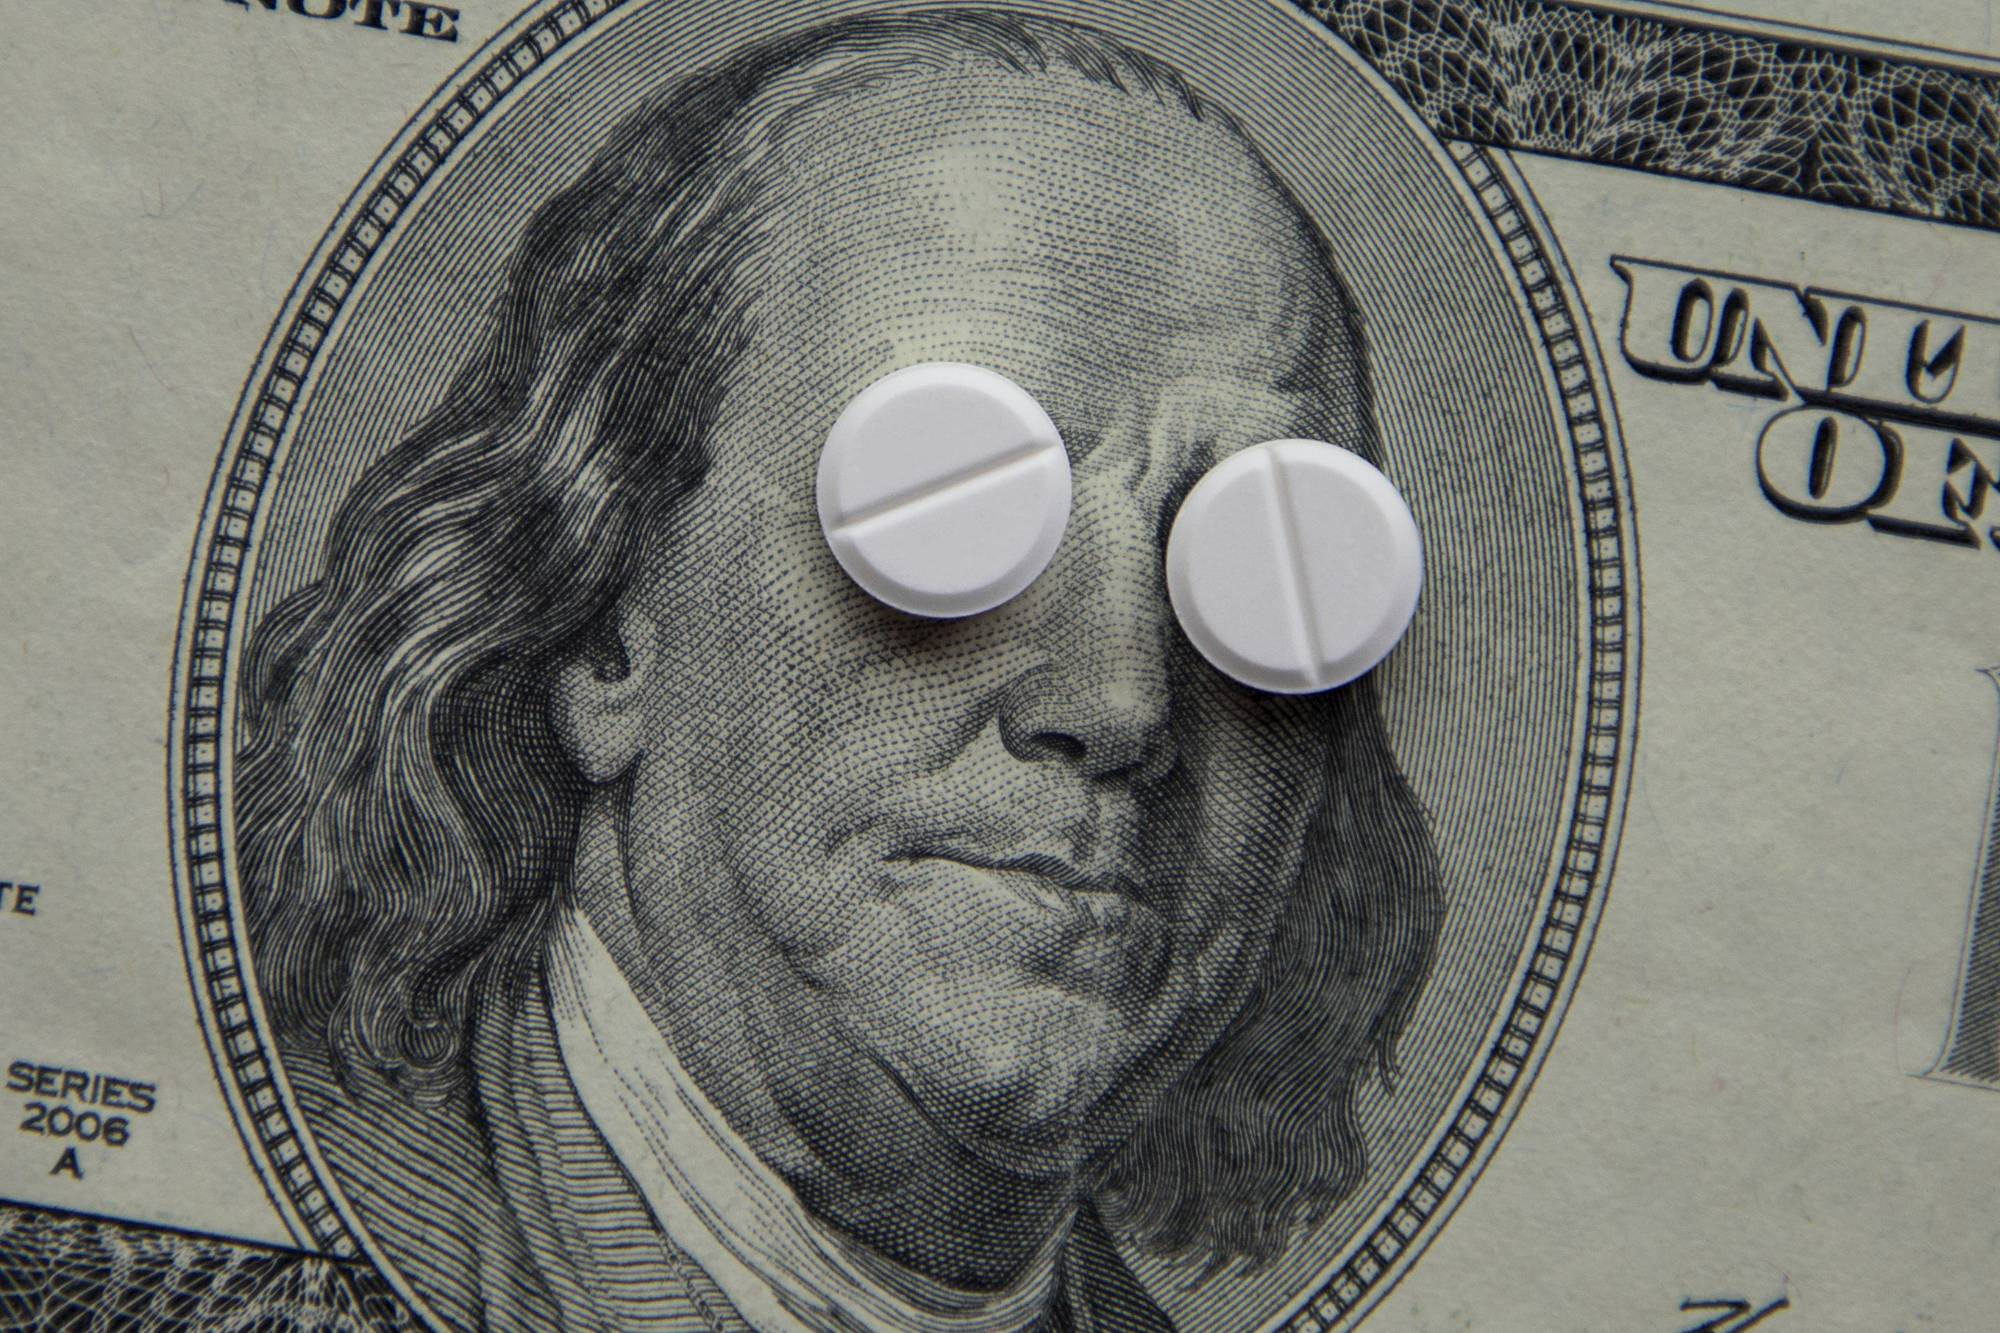 Лекарство или яд? Фармкомпании получают сверхдоходы от госконтрактов, поставляя сомнительные и опасные препараты от ковида